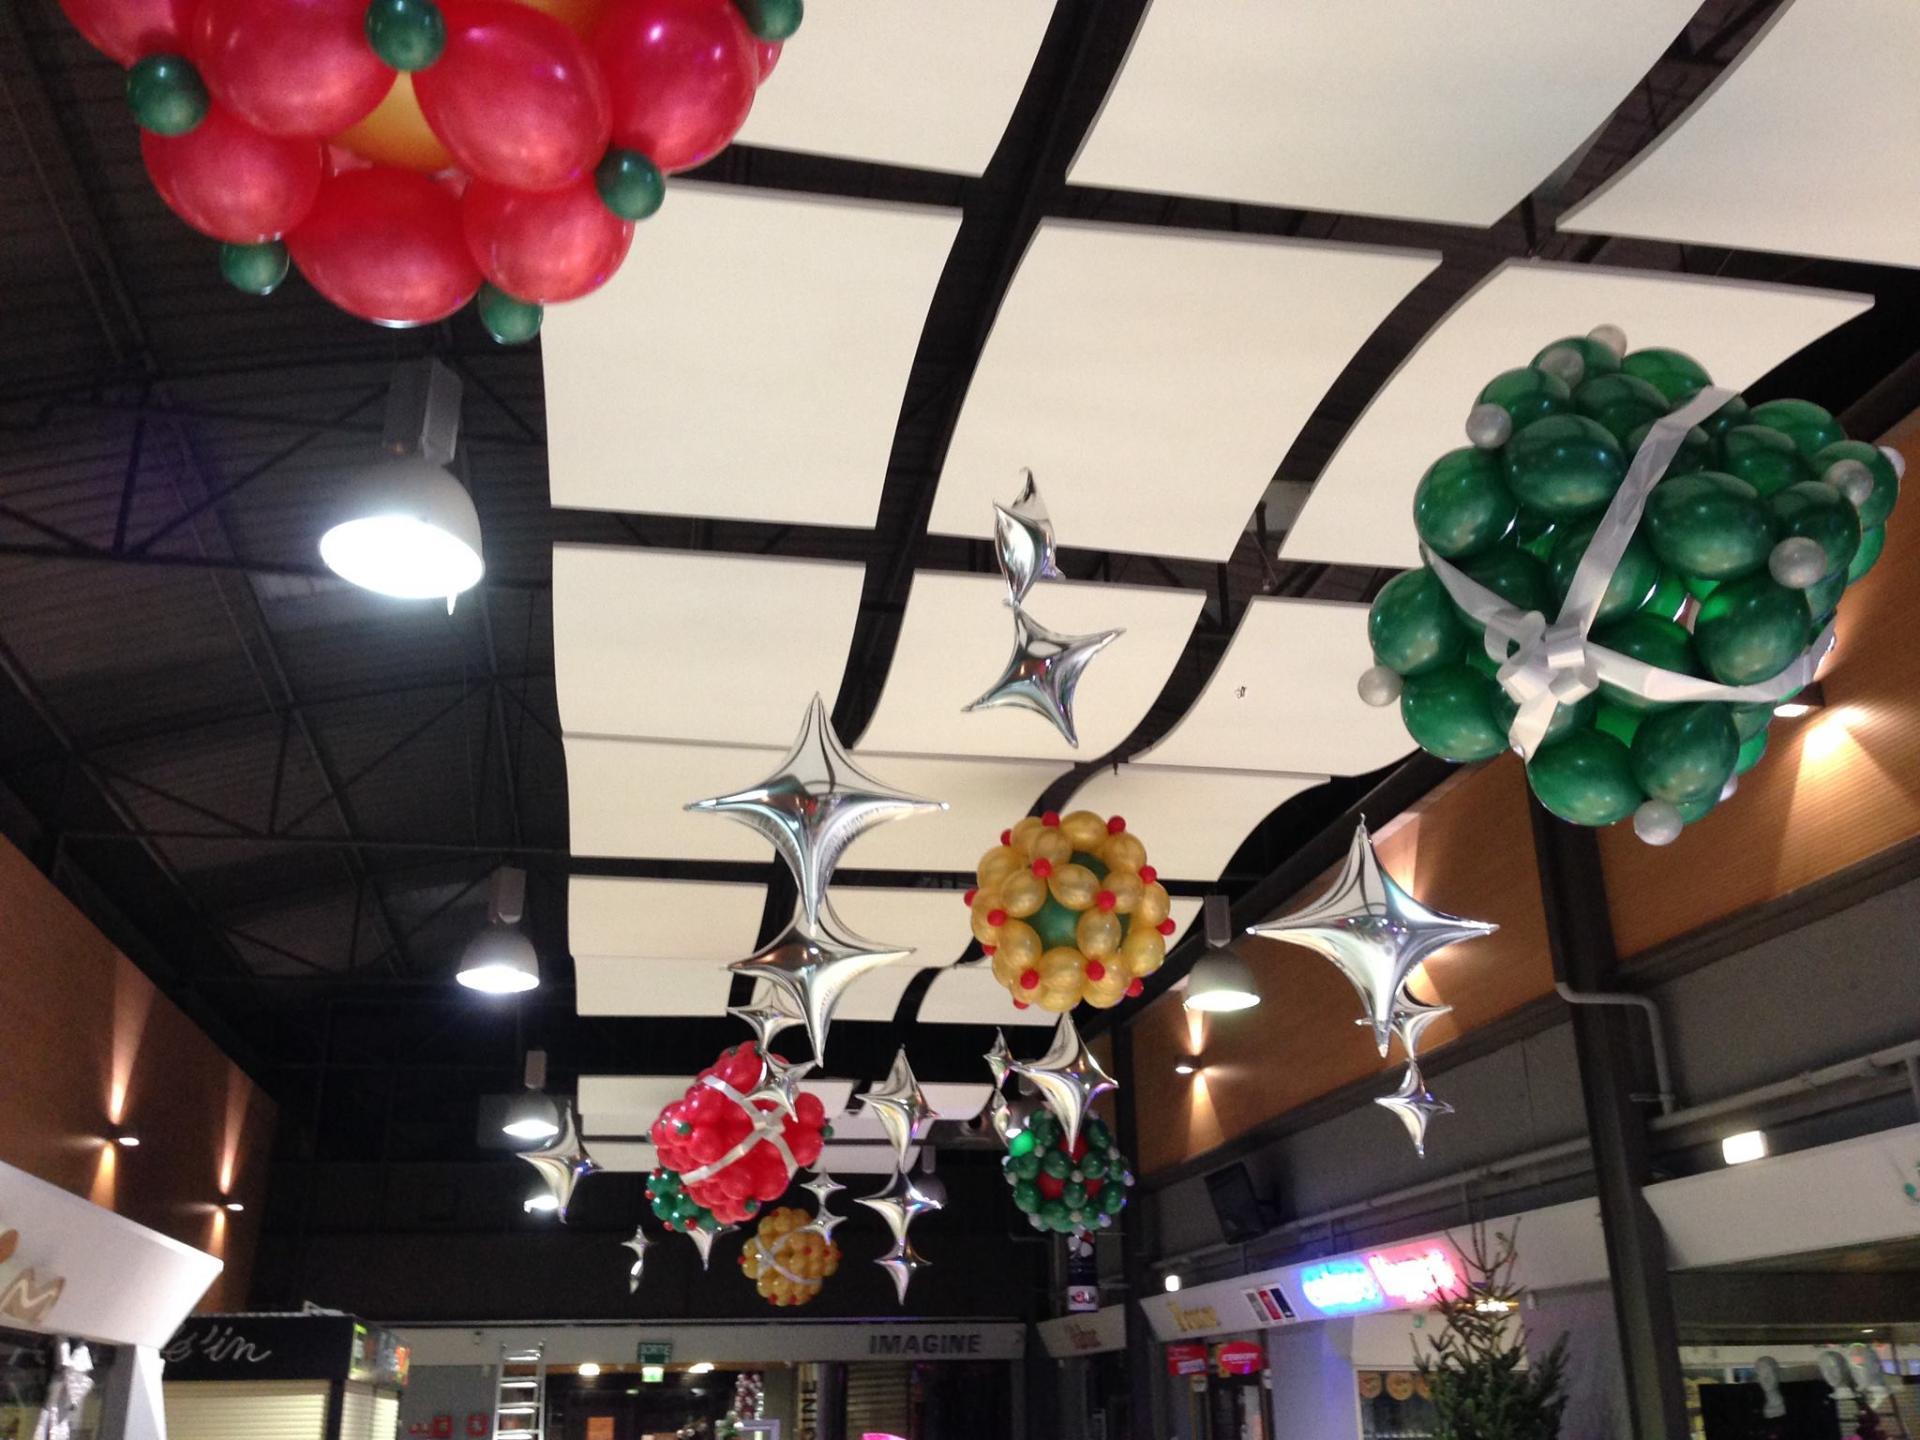 Décoration ballon Noël galerie marchande